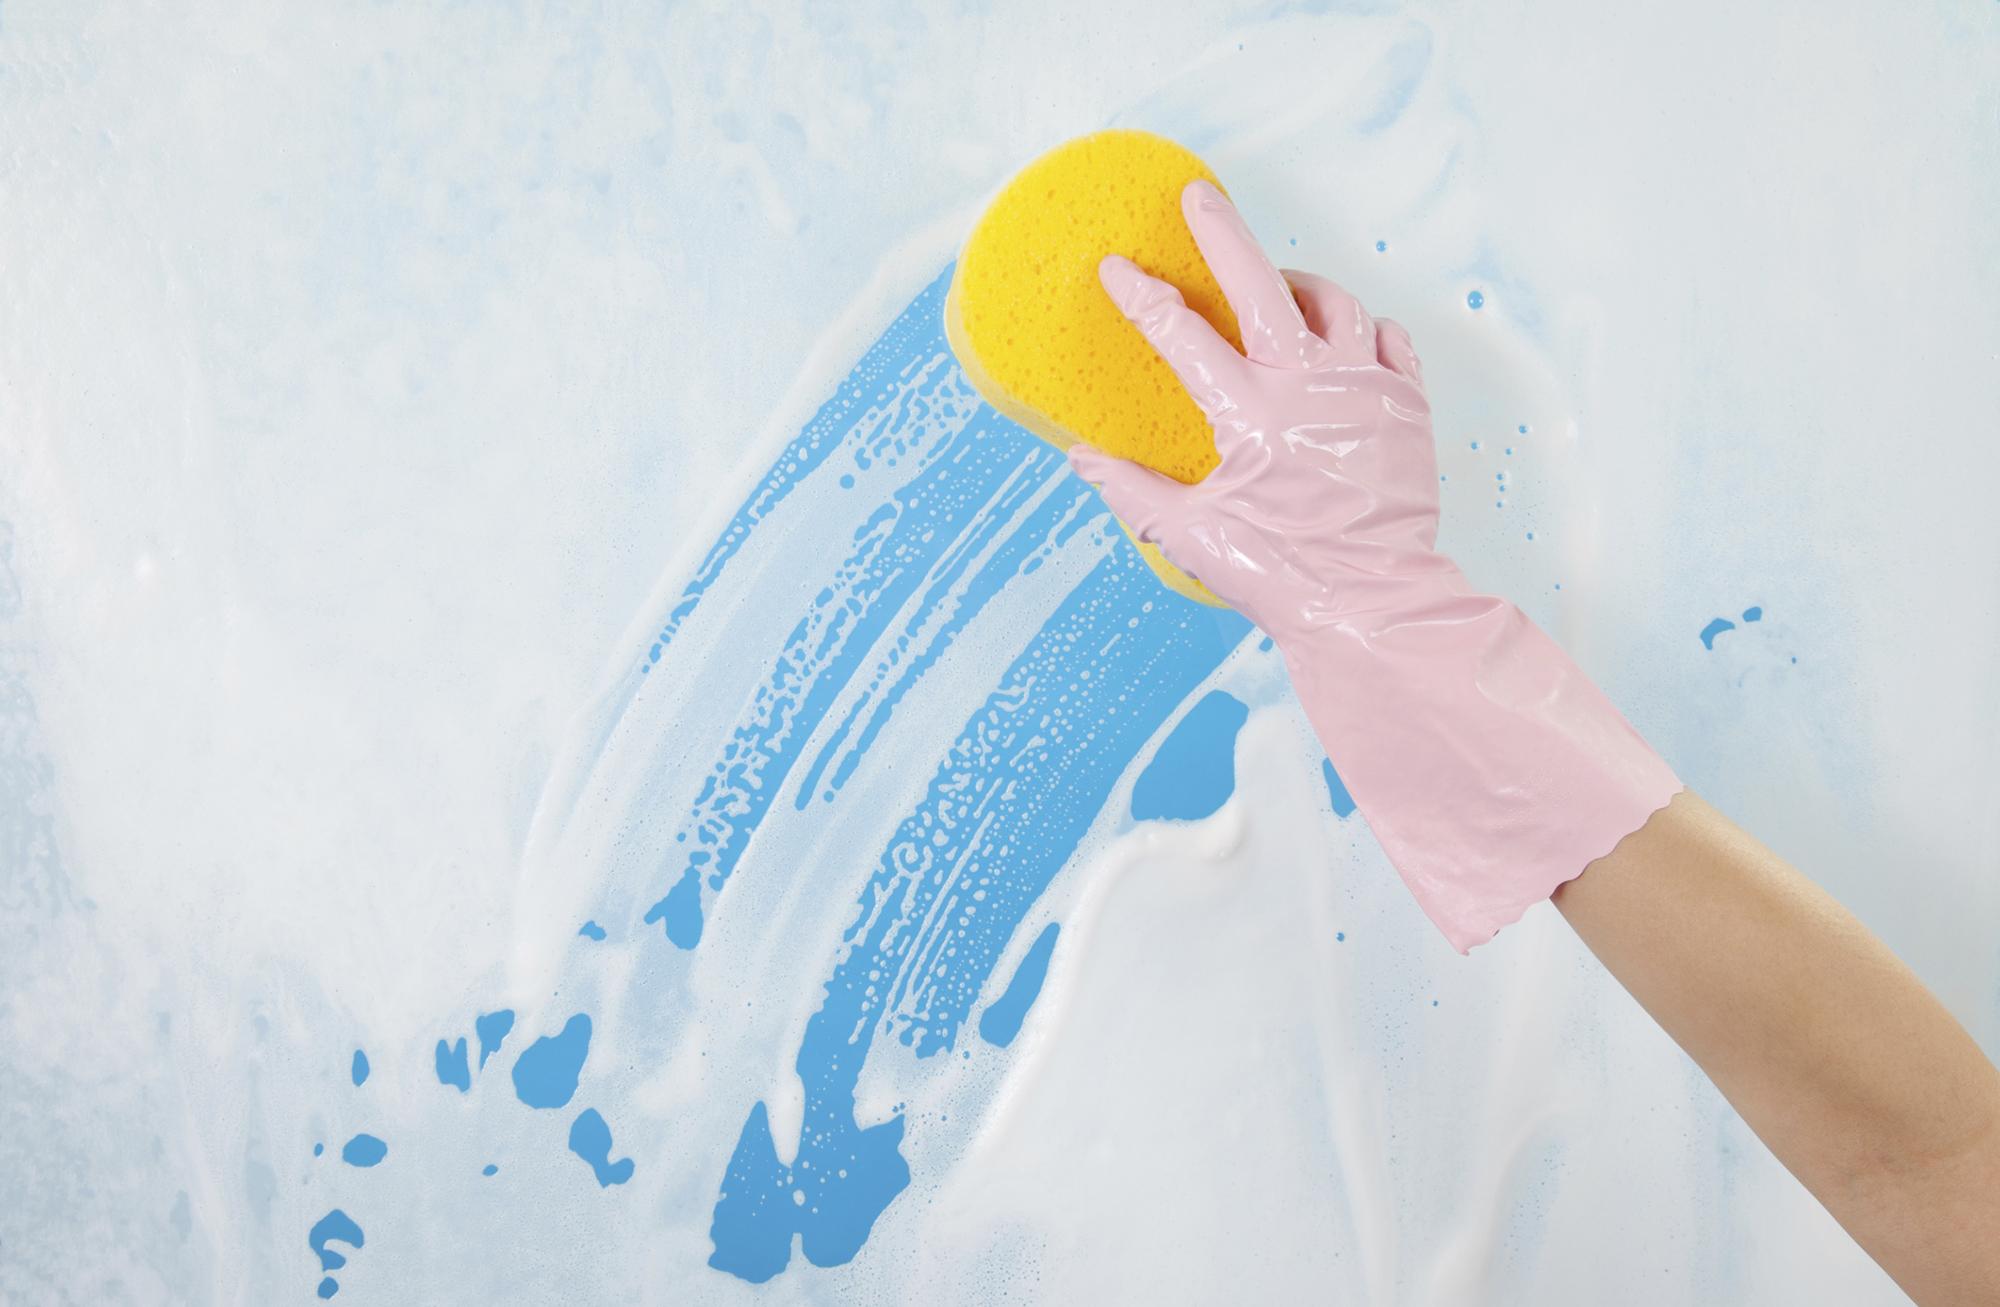 Мытье окон губкой с мыльным раствором